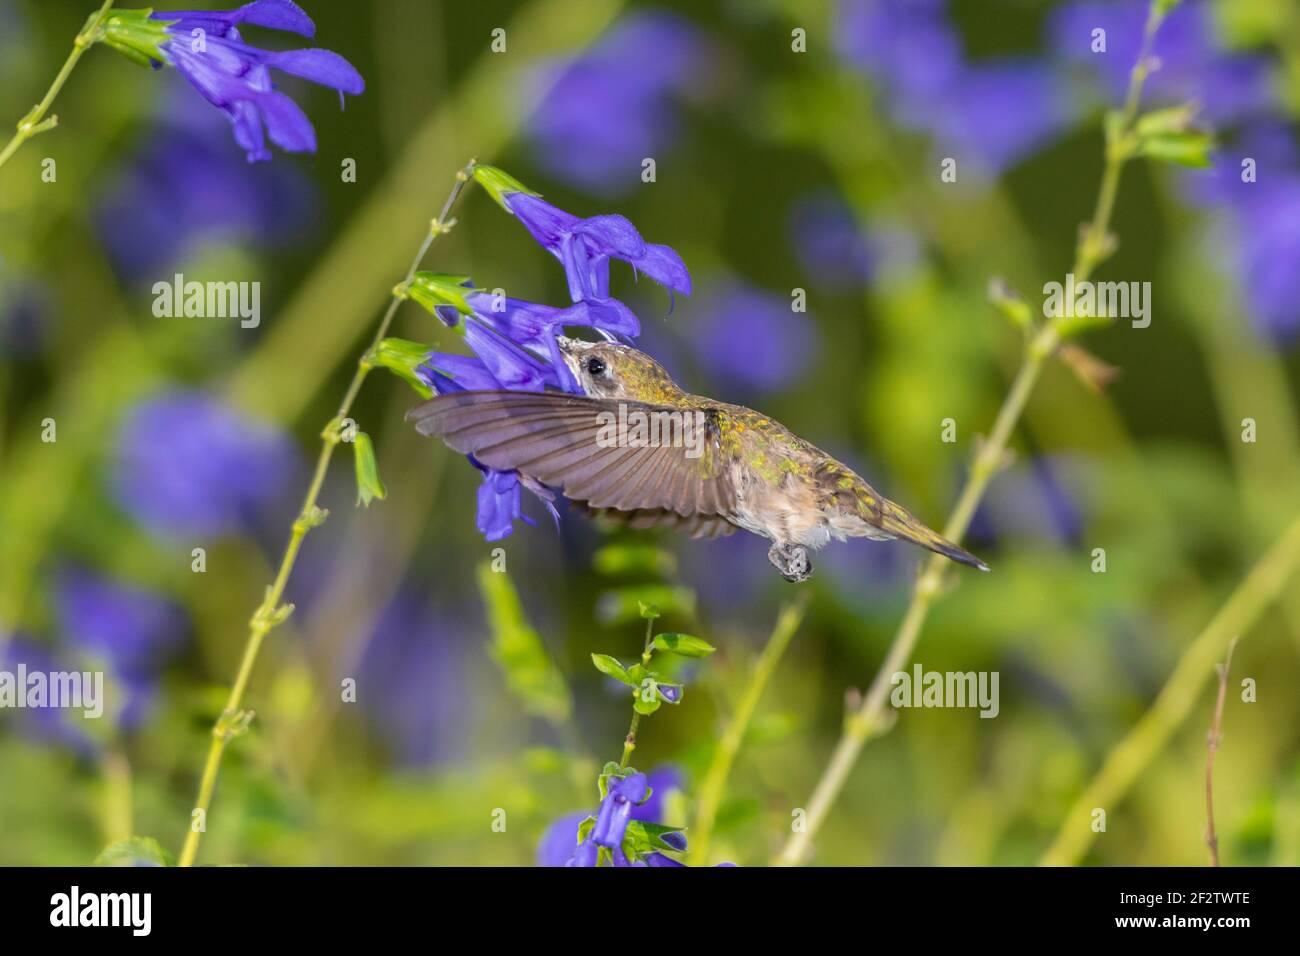 01162-16306 Hummingbird de garganta rubí (Archilochus colubris) en el Blue Ensign Salvia (Salvia guaranitica ' Blue Ensign') Marion Co. IL Foto de stock